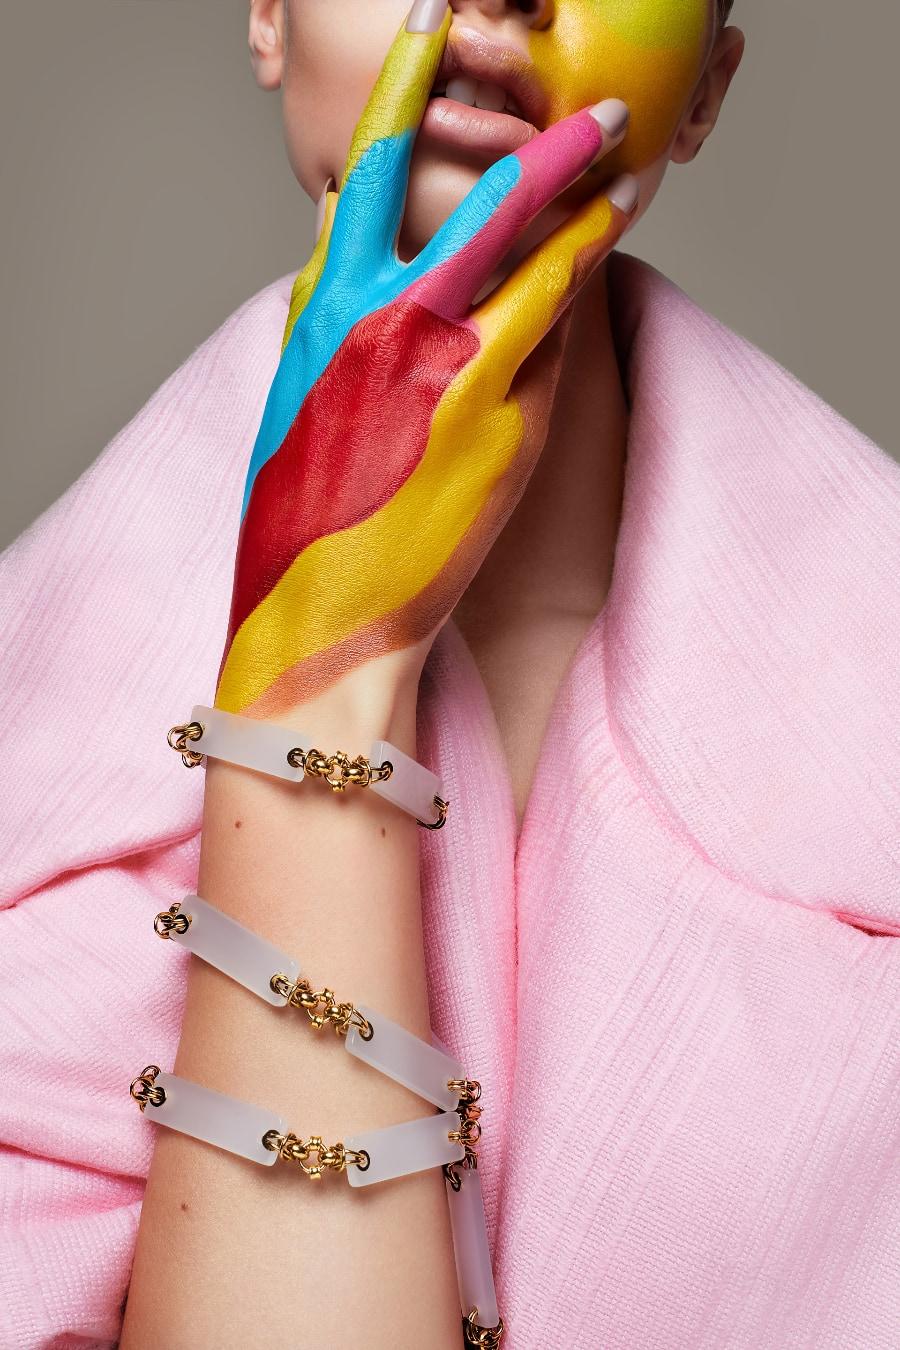 Chyba Jewelry - model wearing bracelets